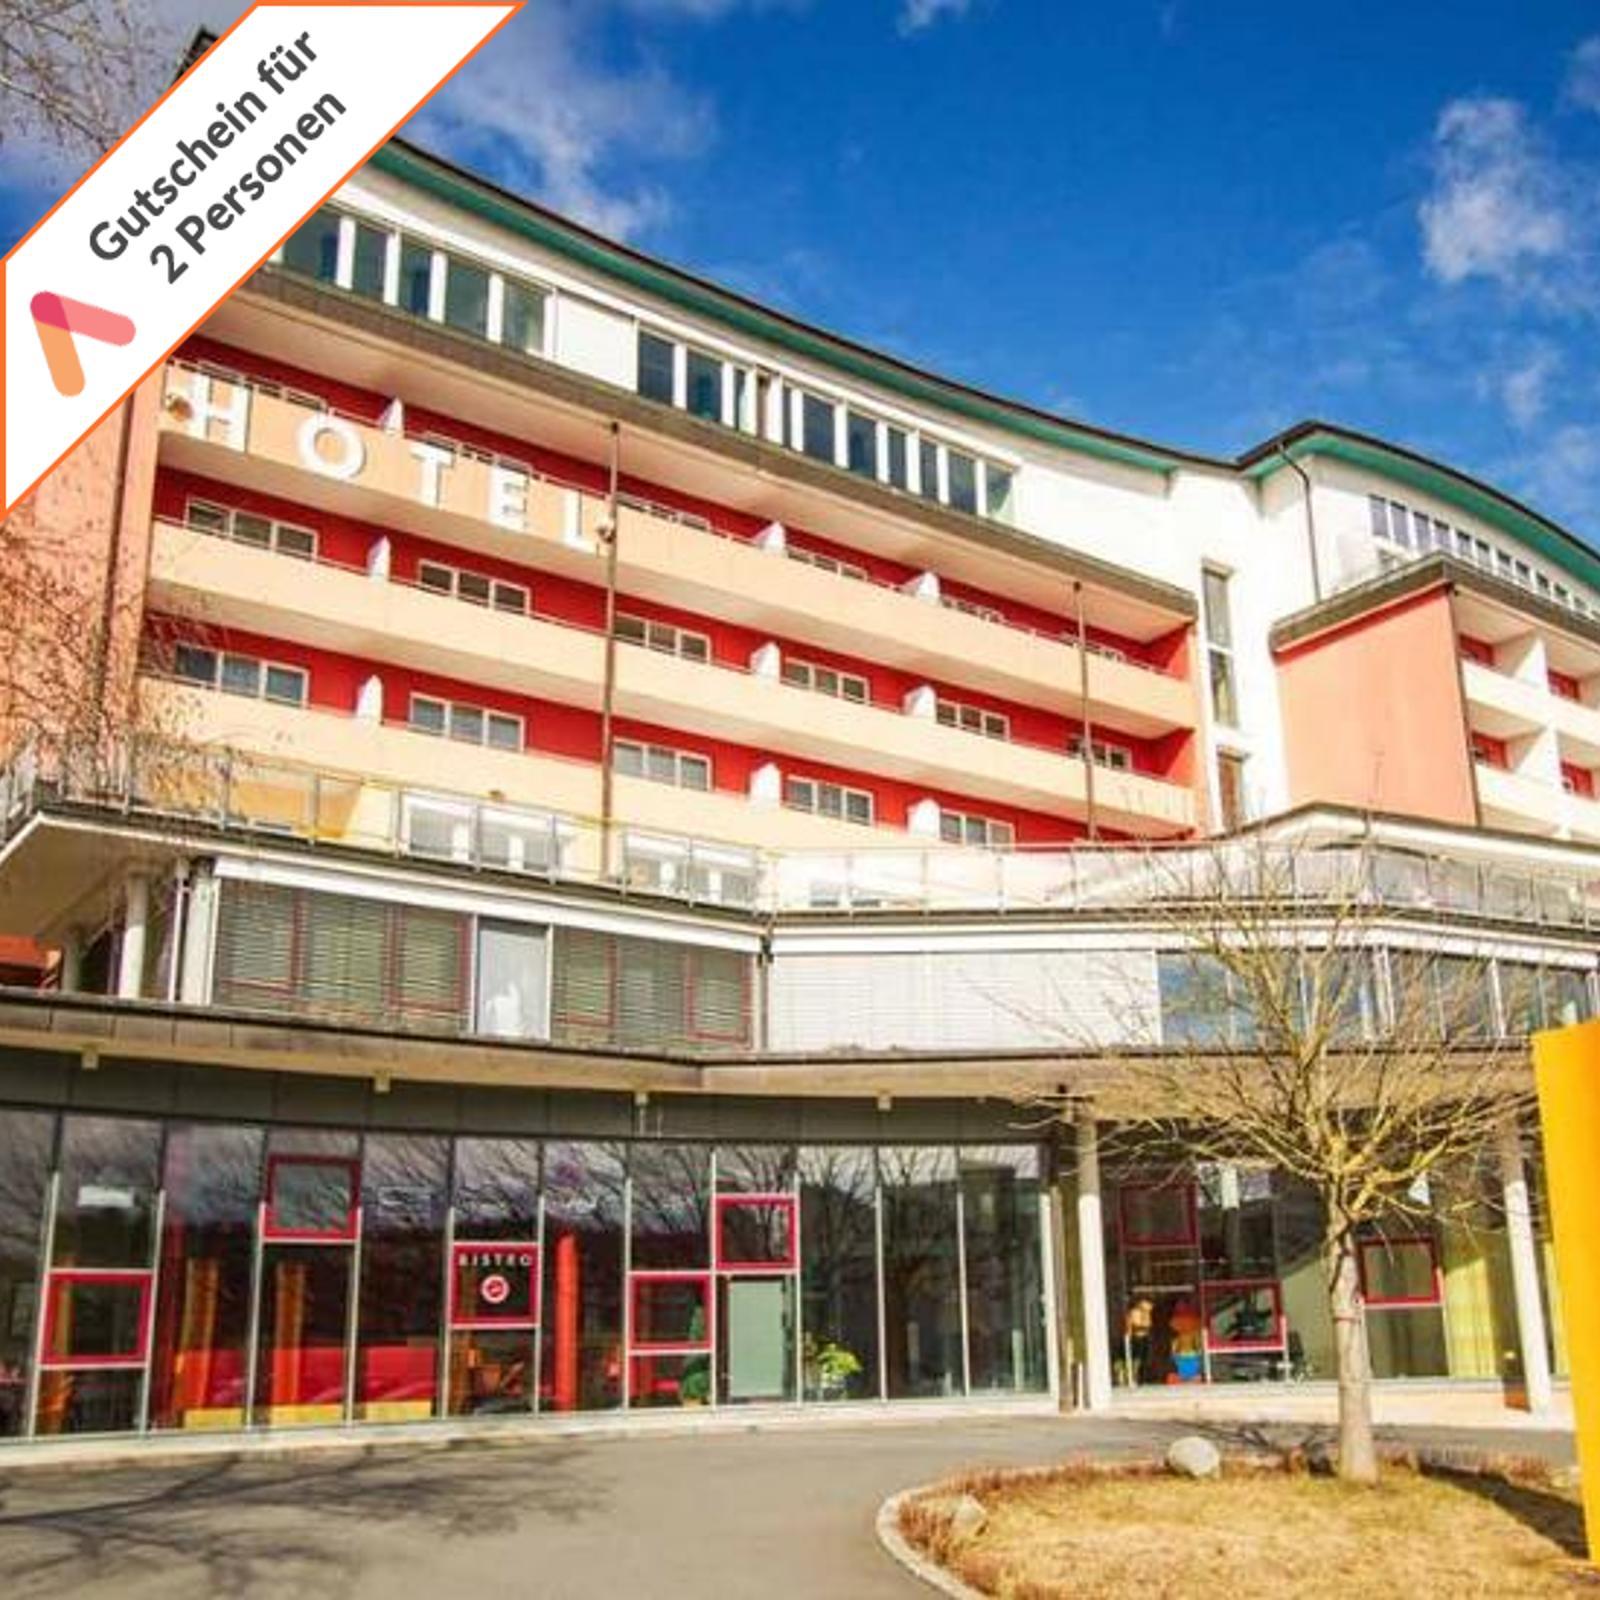 Wellness Kurzreise Bad Mergentheim 4 Tage 4 Sterne Hotel 2 Personen Gutschein